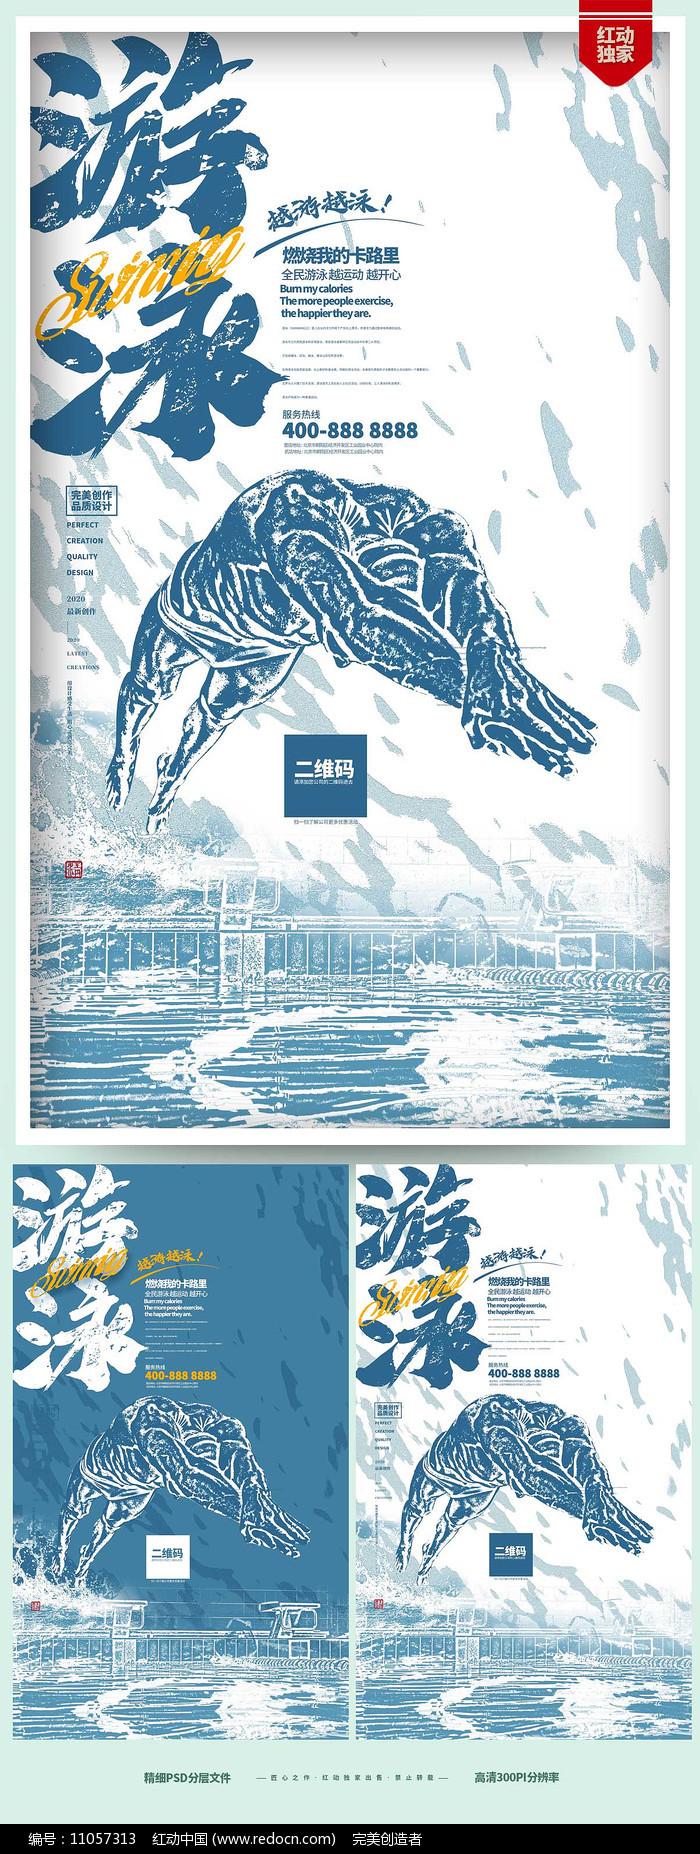 复古创意游泳宣传海报设计图片